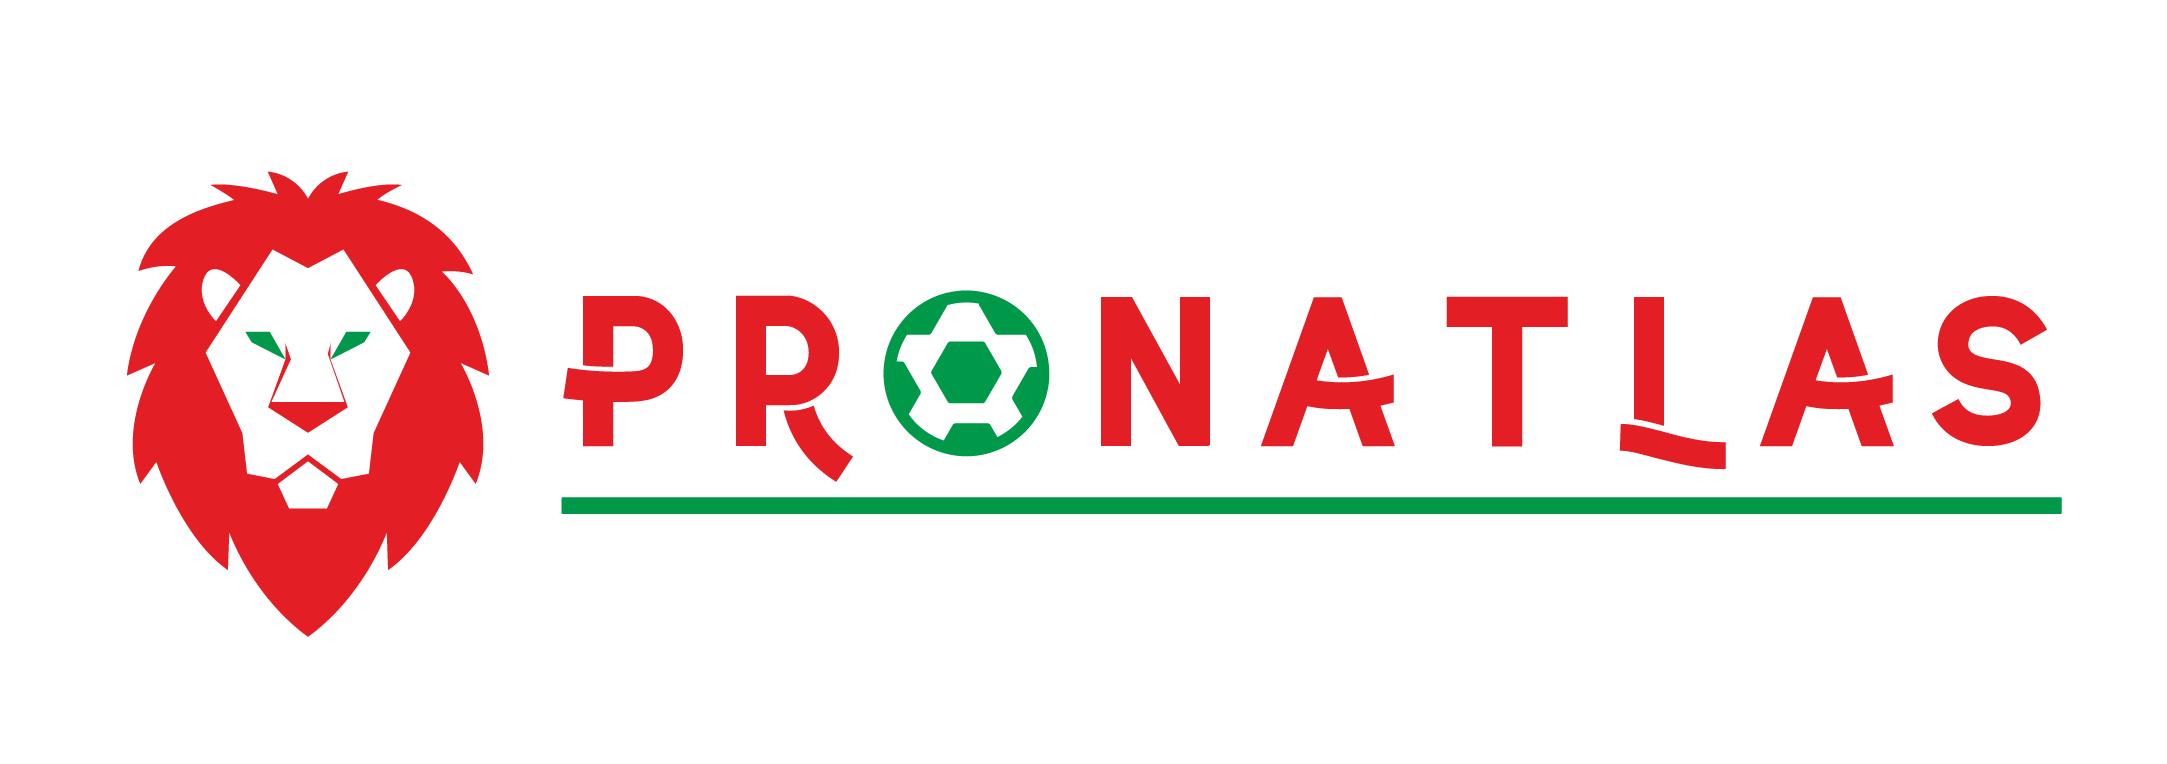 v1.0_Pronatlas_long